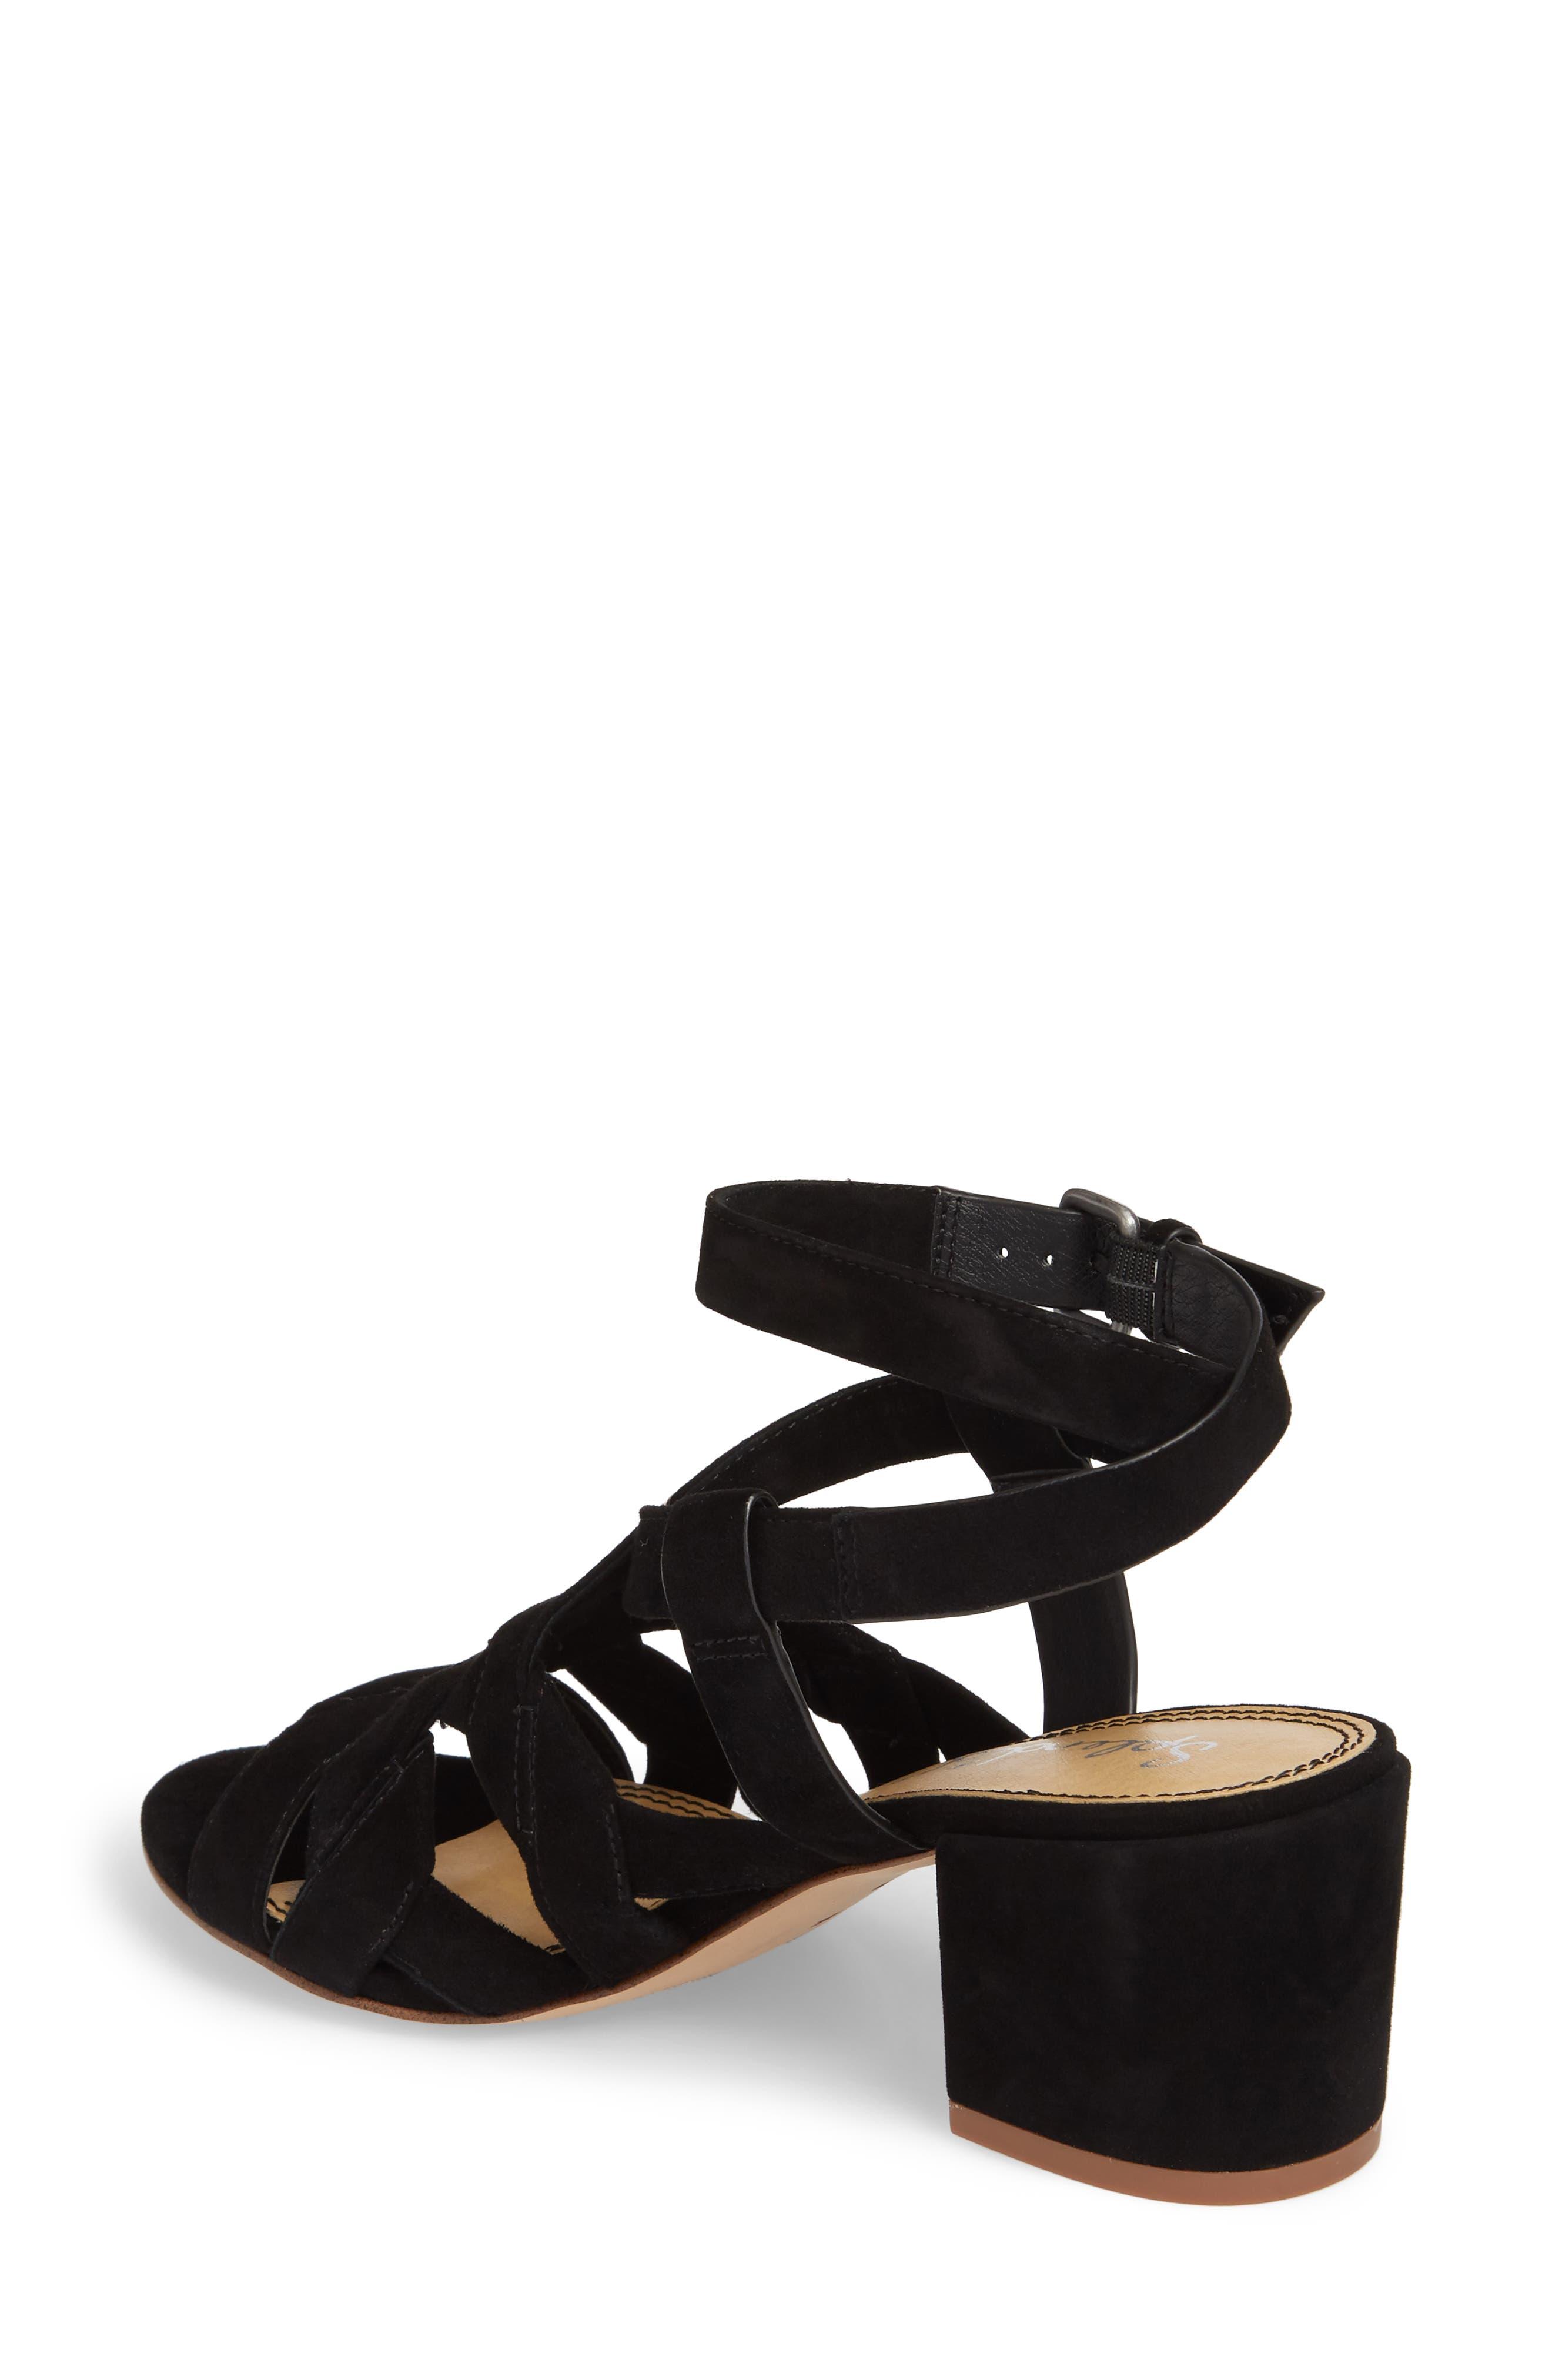 Alternate Image 2  - Splendid Barrymore Sandal (Women)